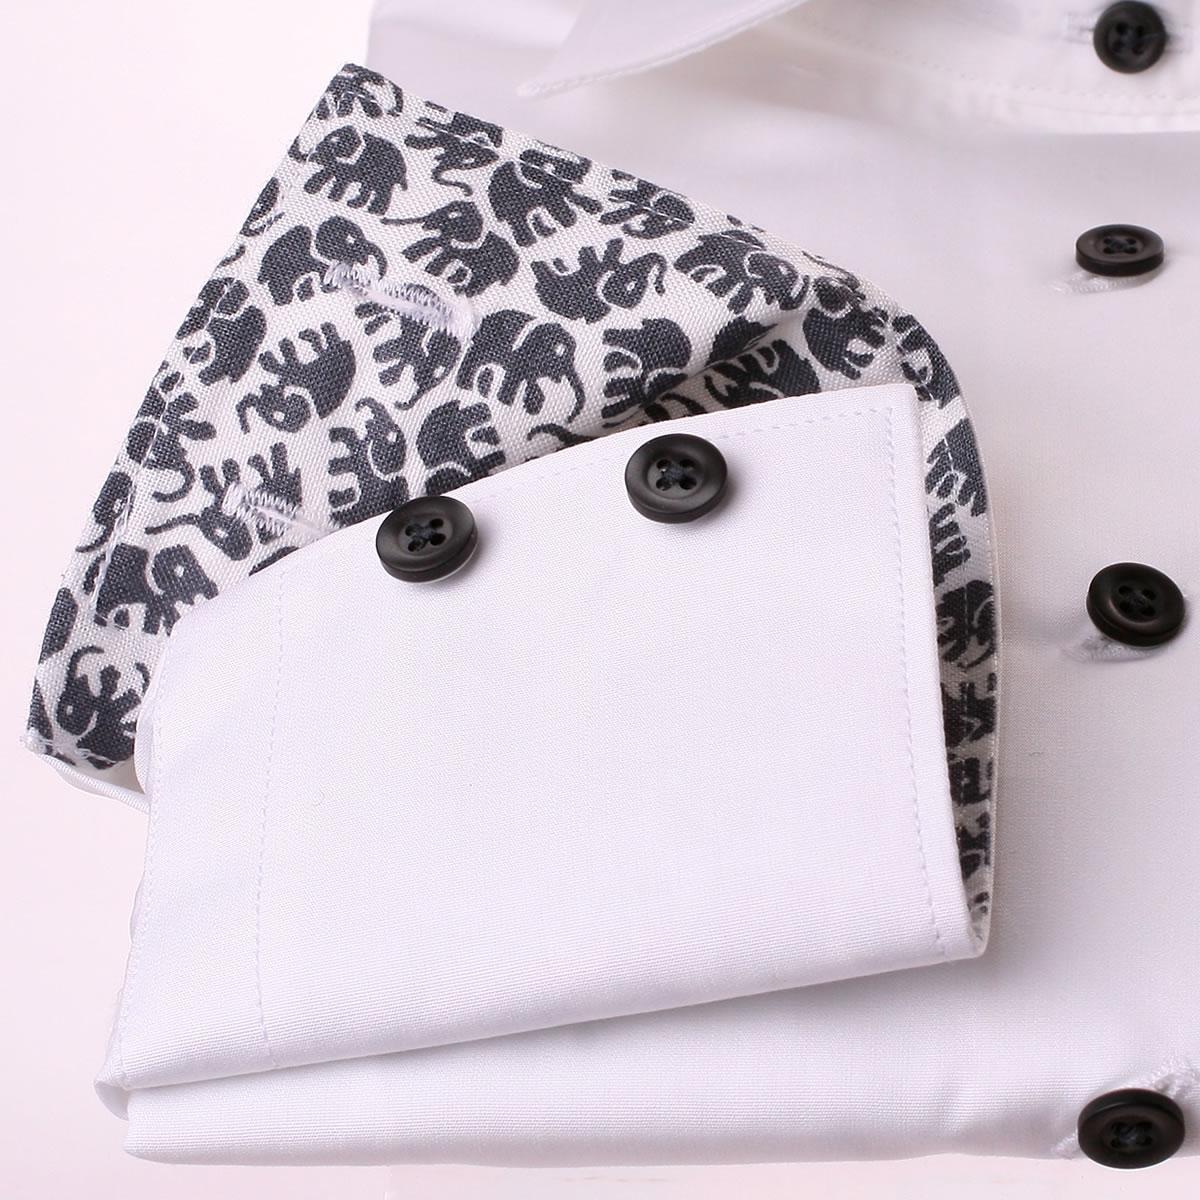 wei e bluse mit grauen elefanten im kragen und an den b ndchen. Black Bedroom Furniture Sets. Home Design Ideas